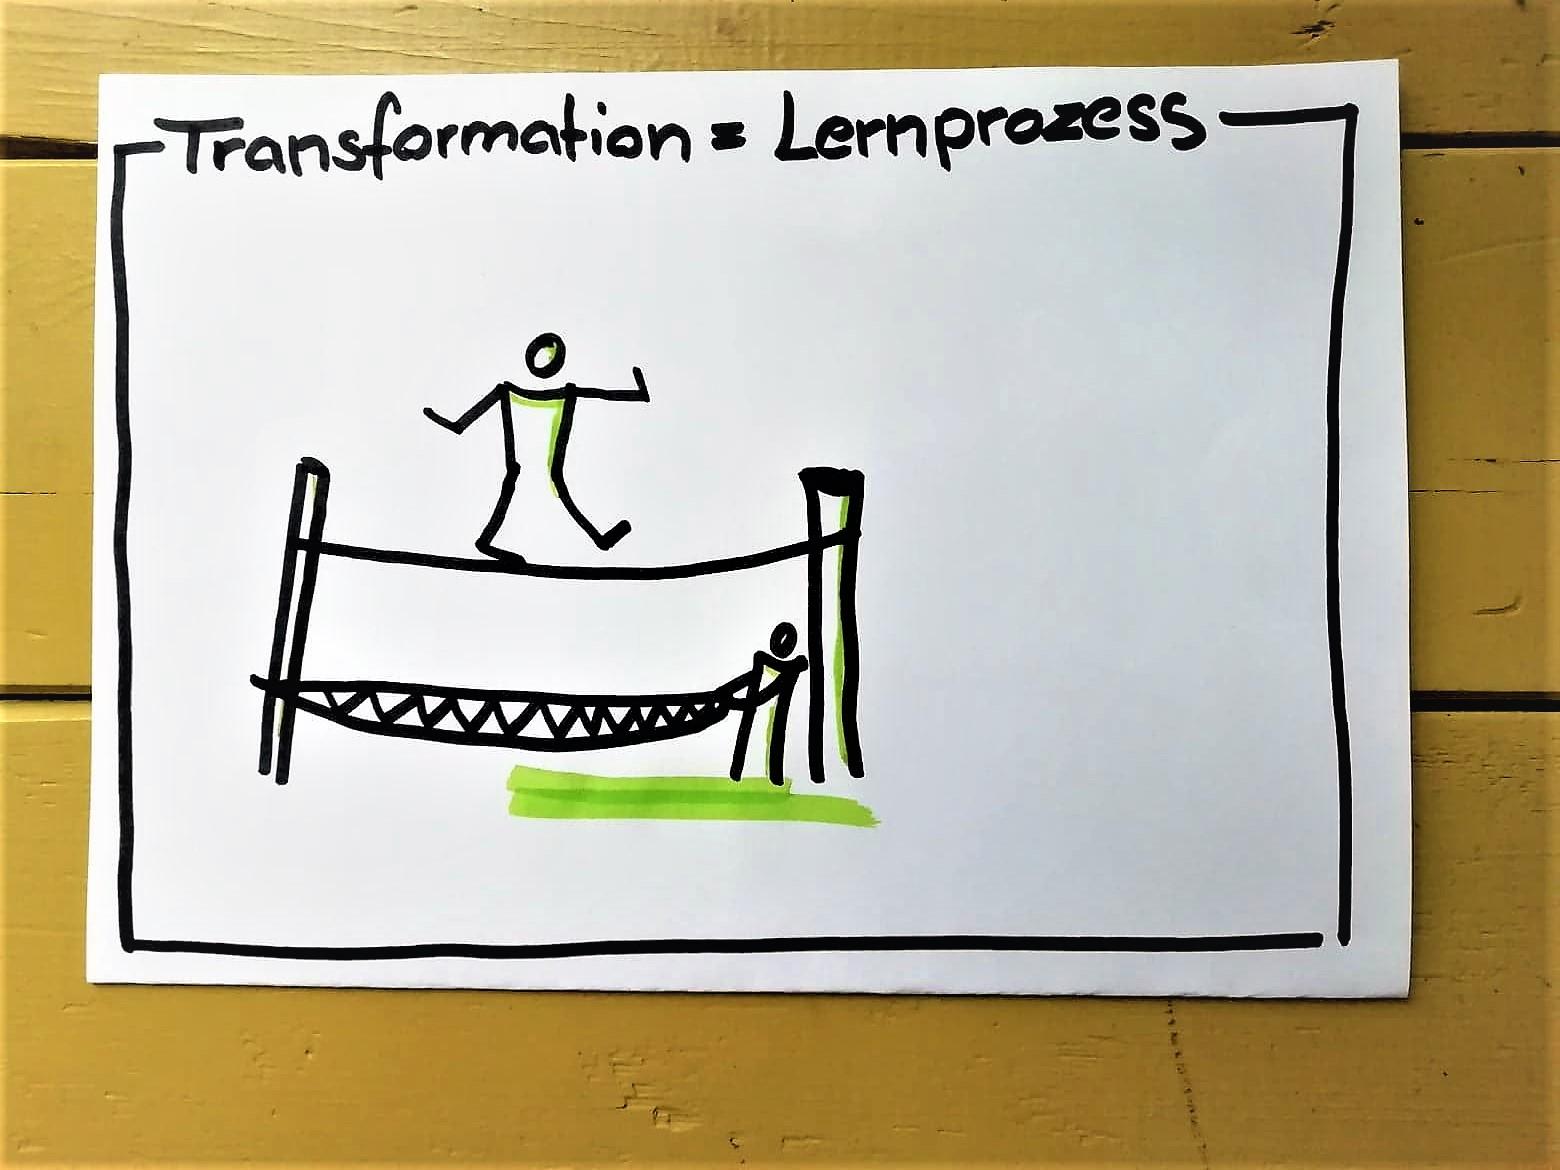 Transformation ist ein Lernprozess.jpg